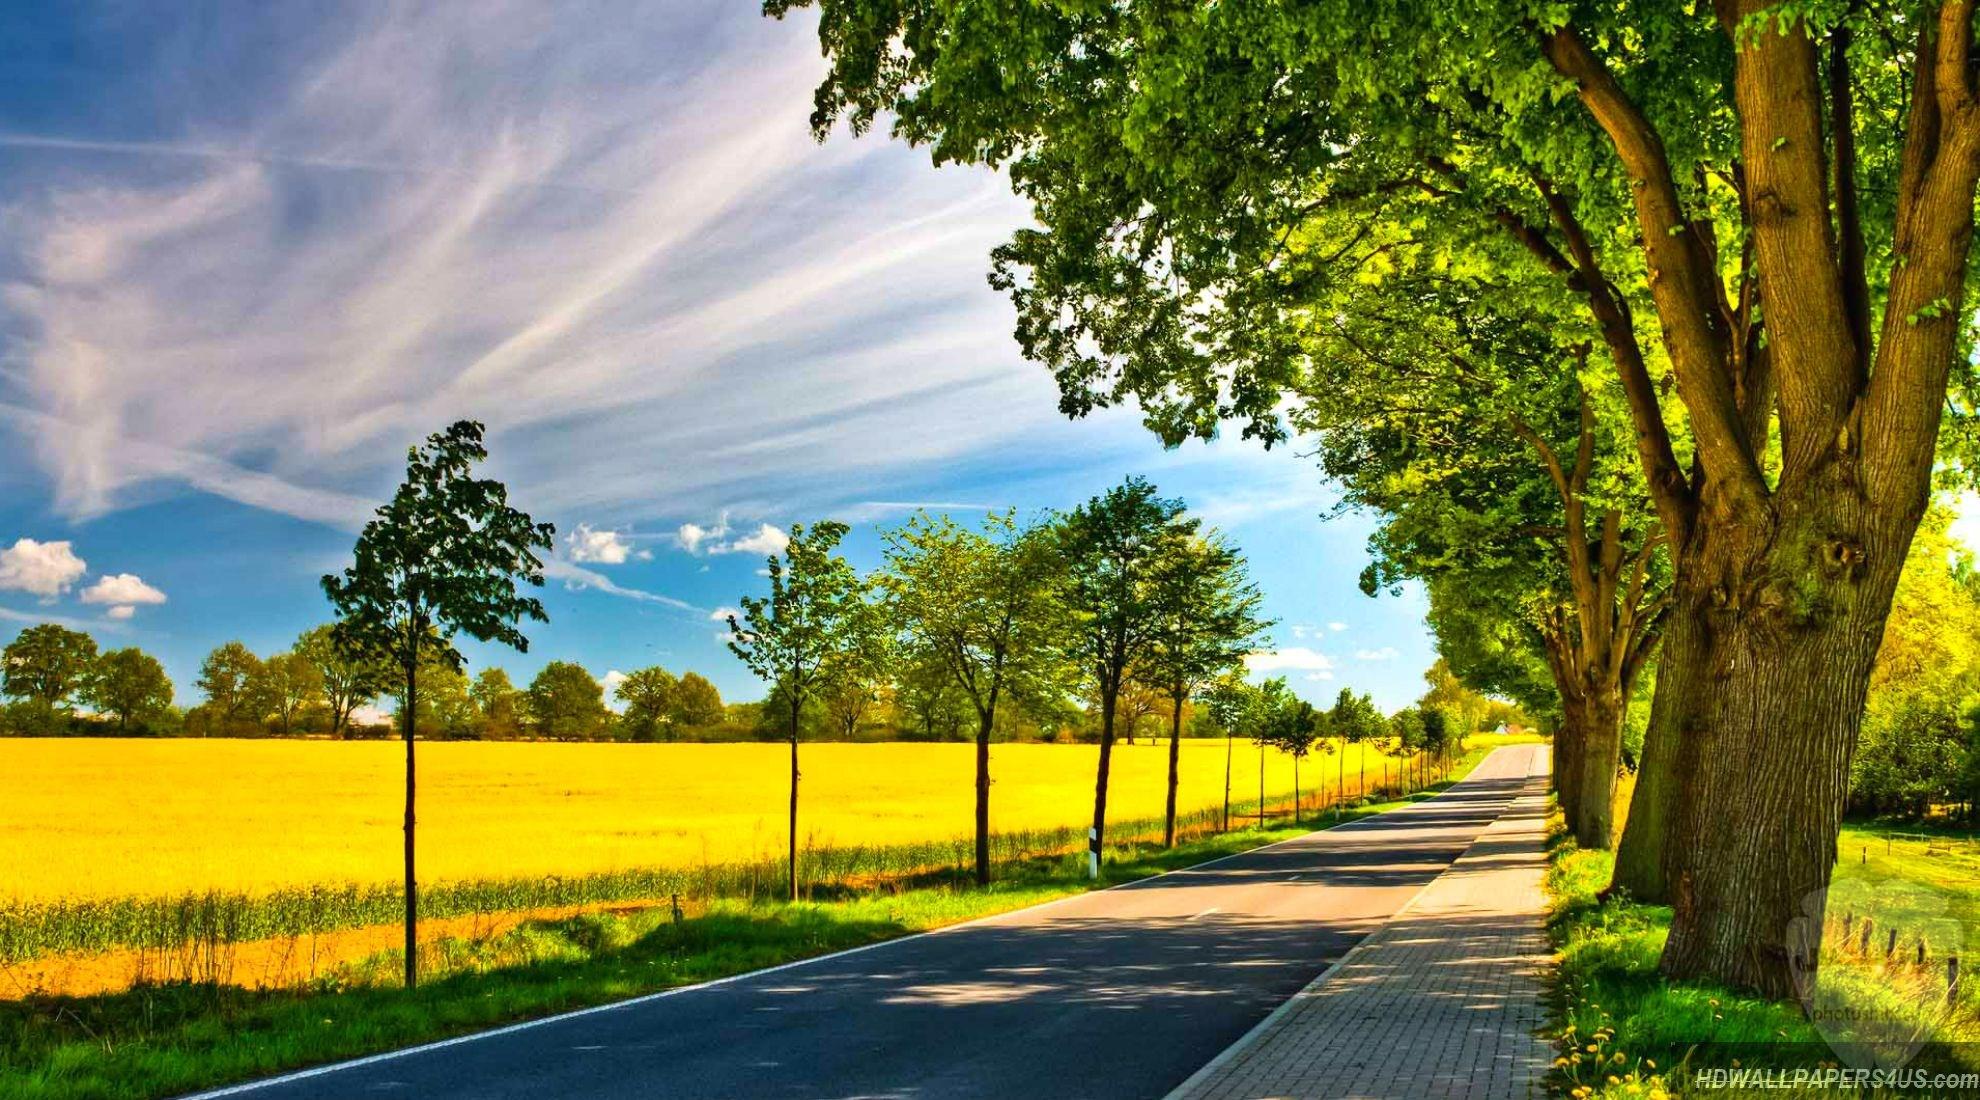 مكونات الطبيعة جمال الطبيعة فوائد الطبيعة صورمن الطبيعة 9